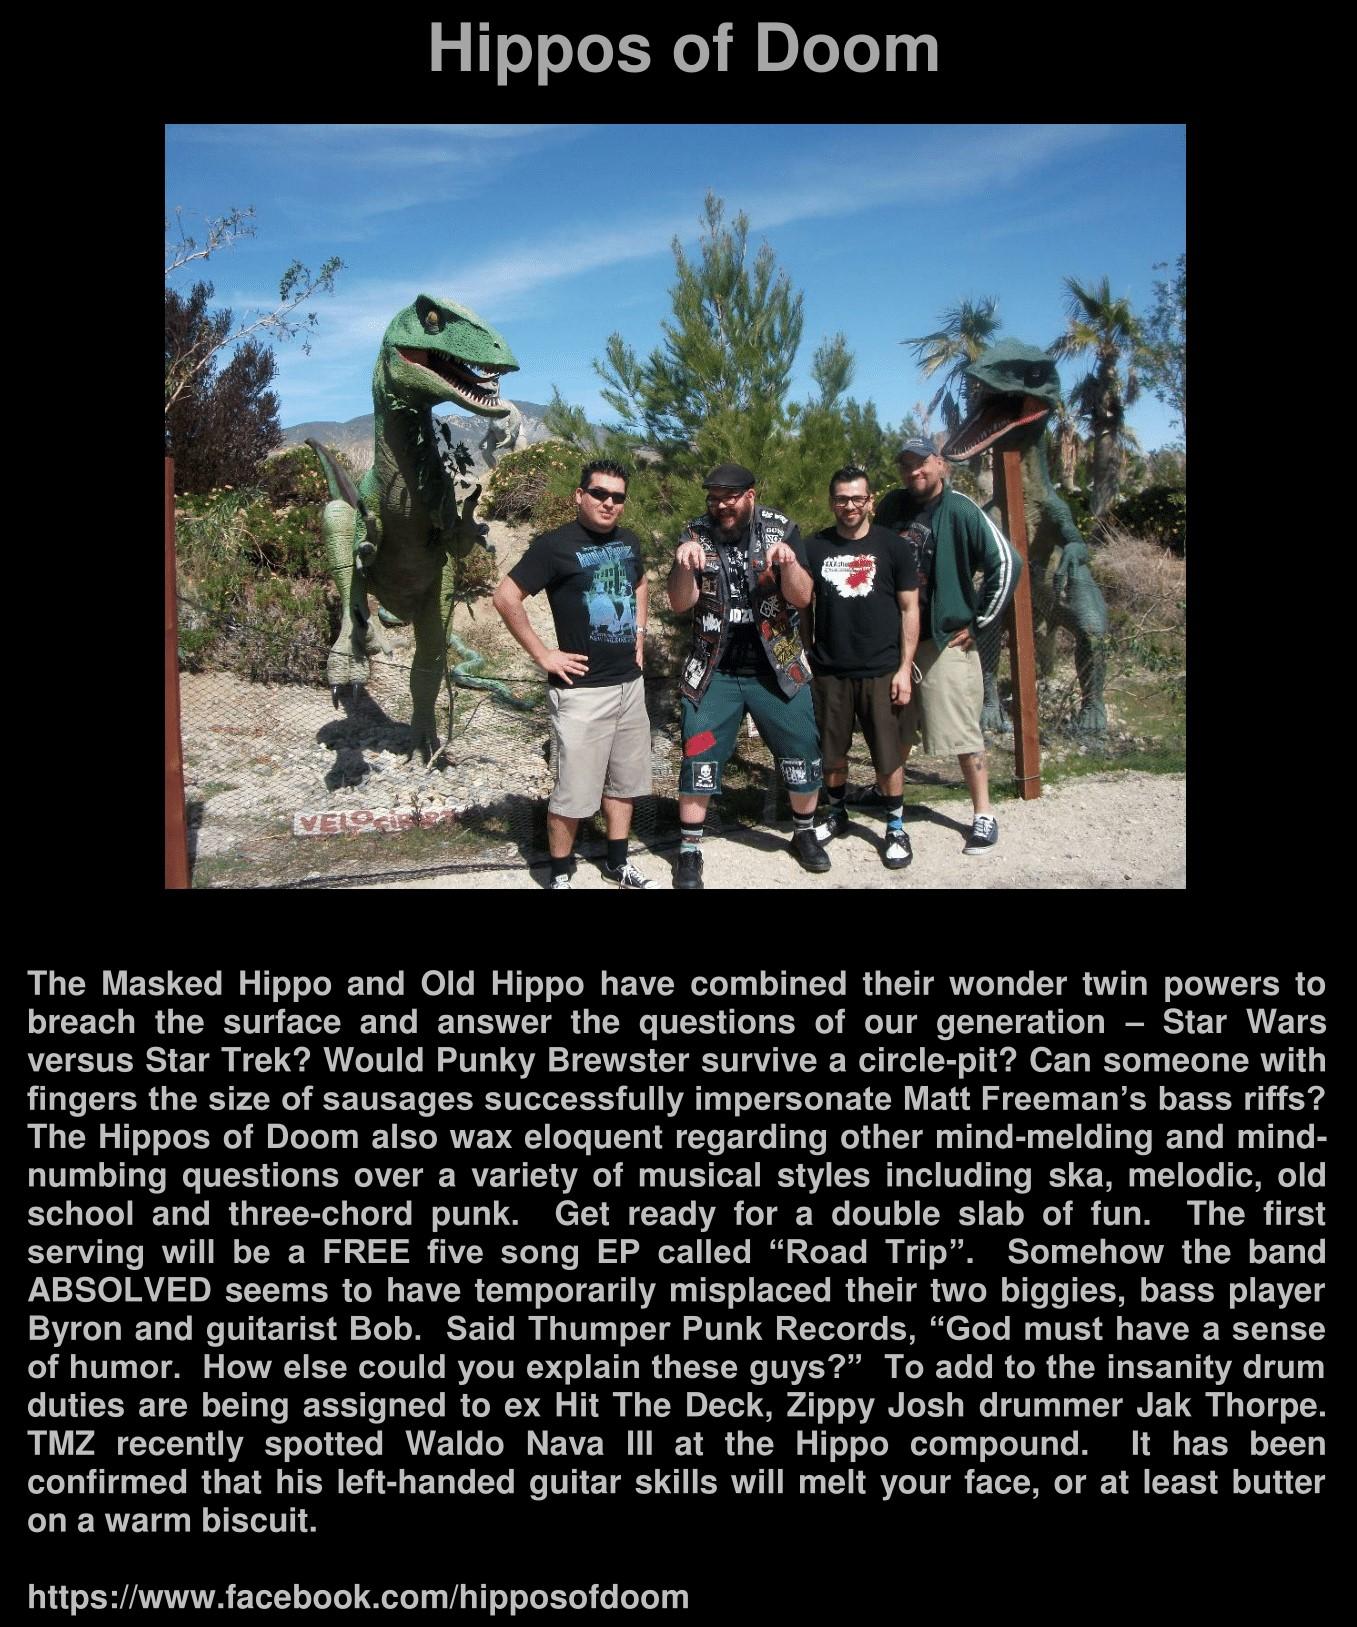 Hippos of Doom 170104-1 crop.jpg